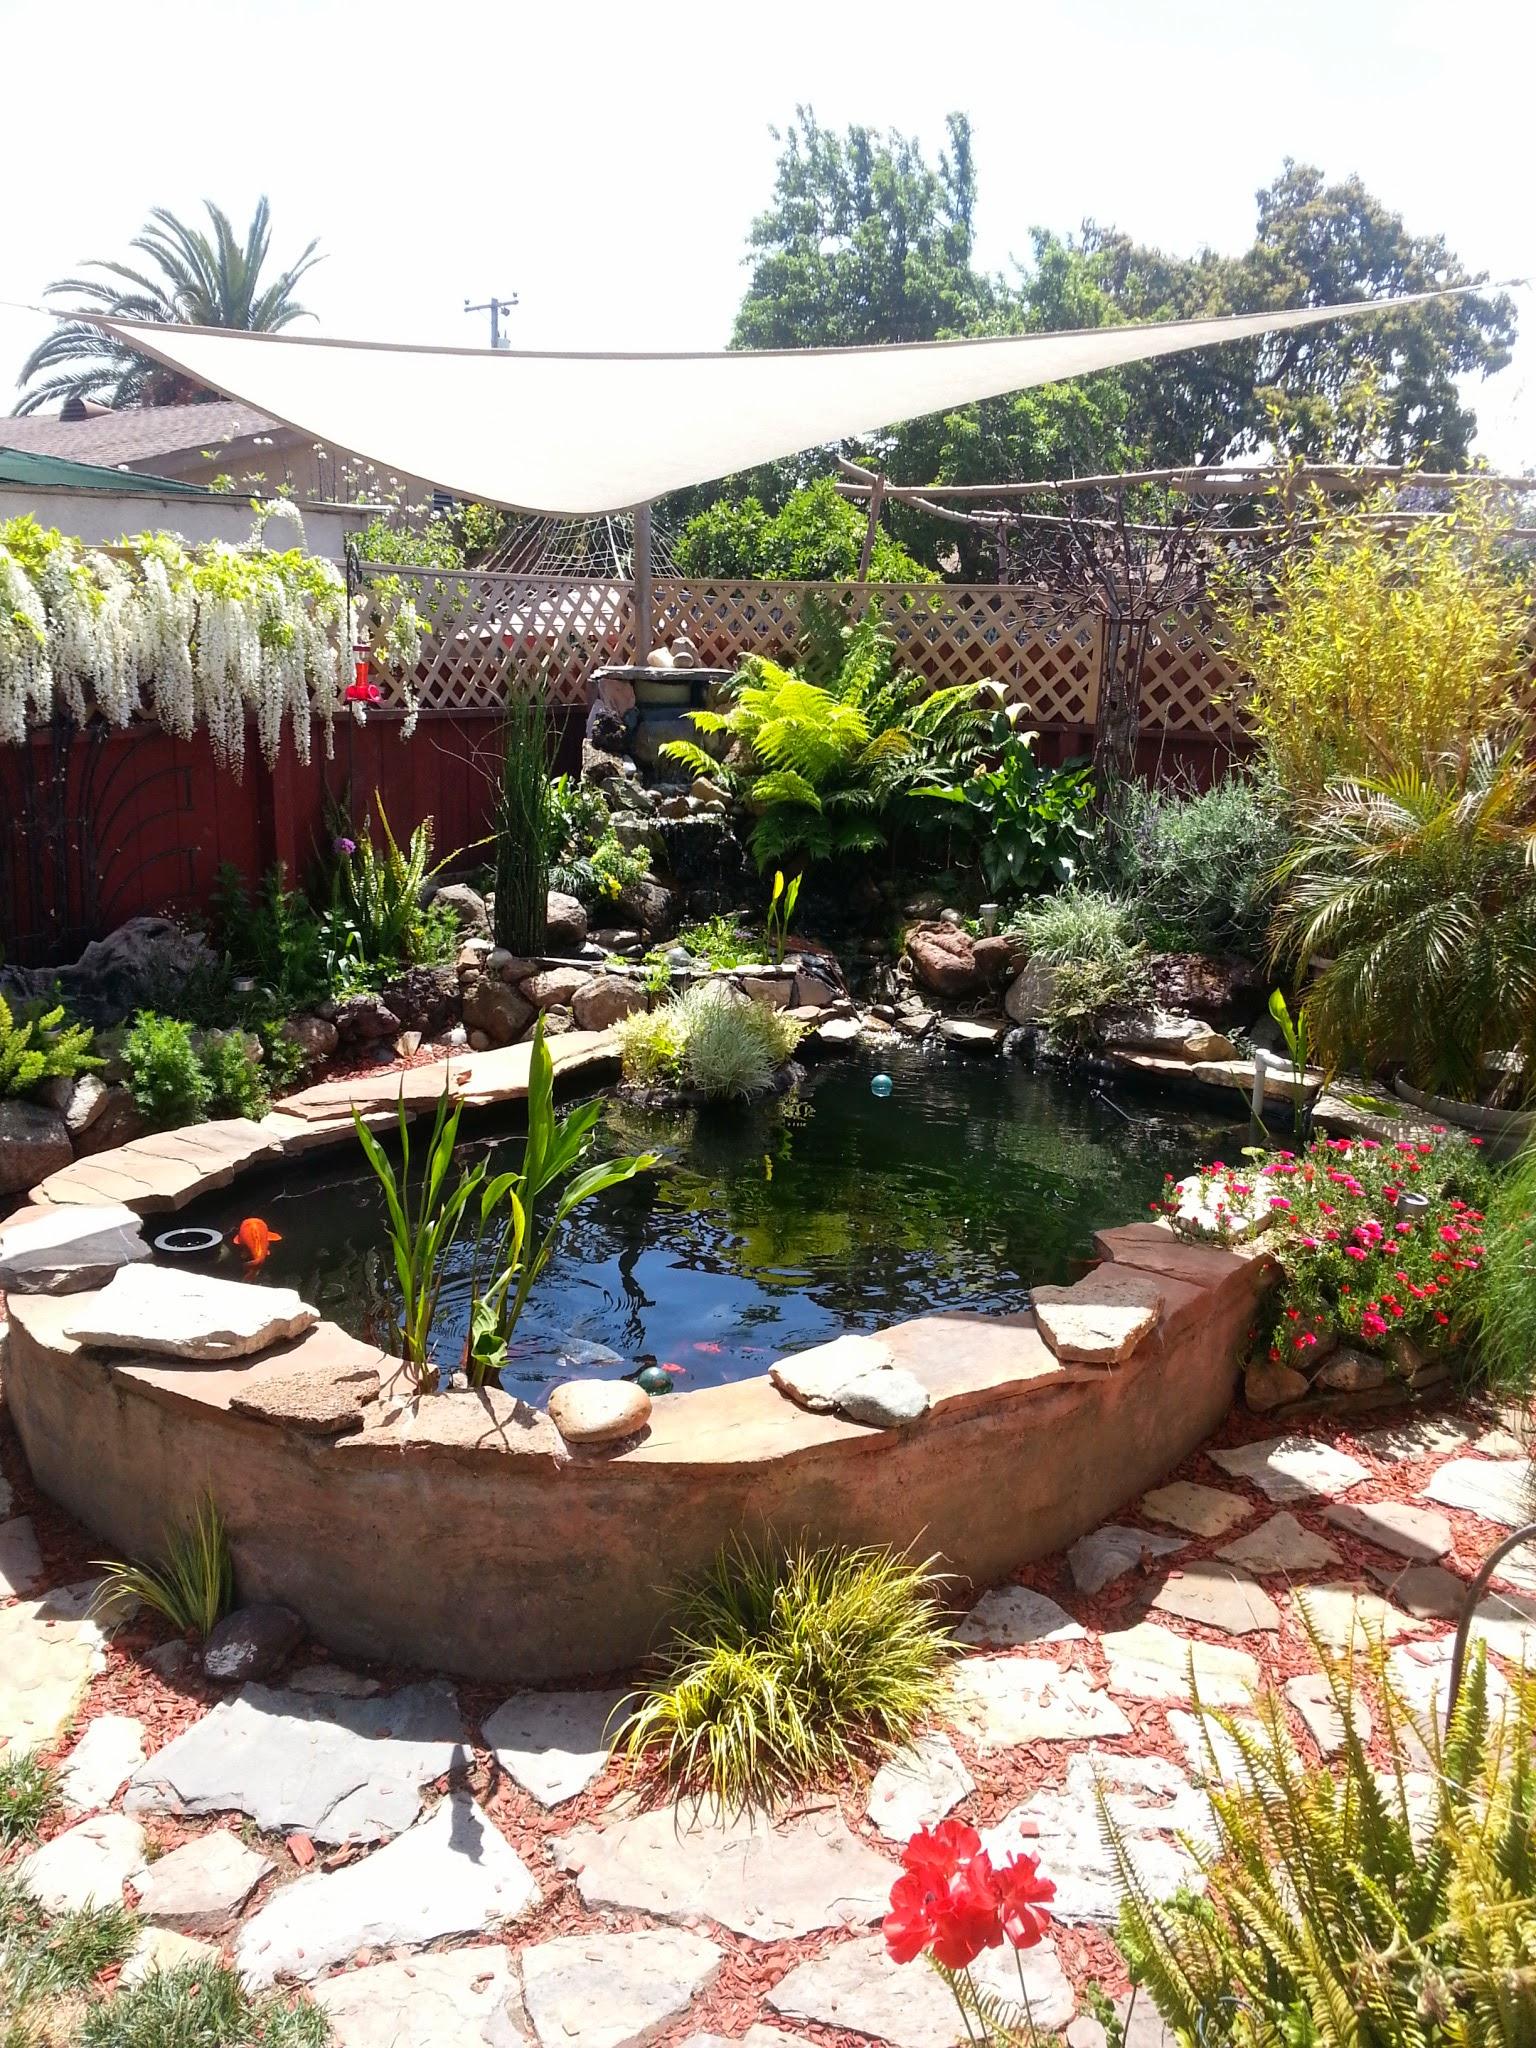 Griffin's pond.